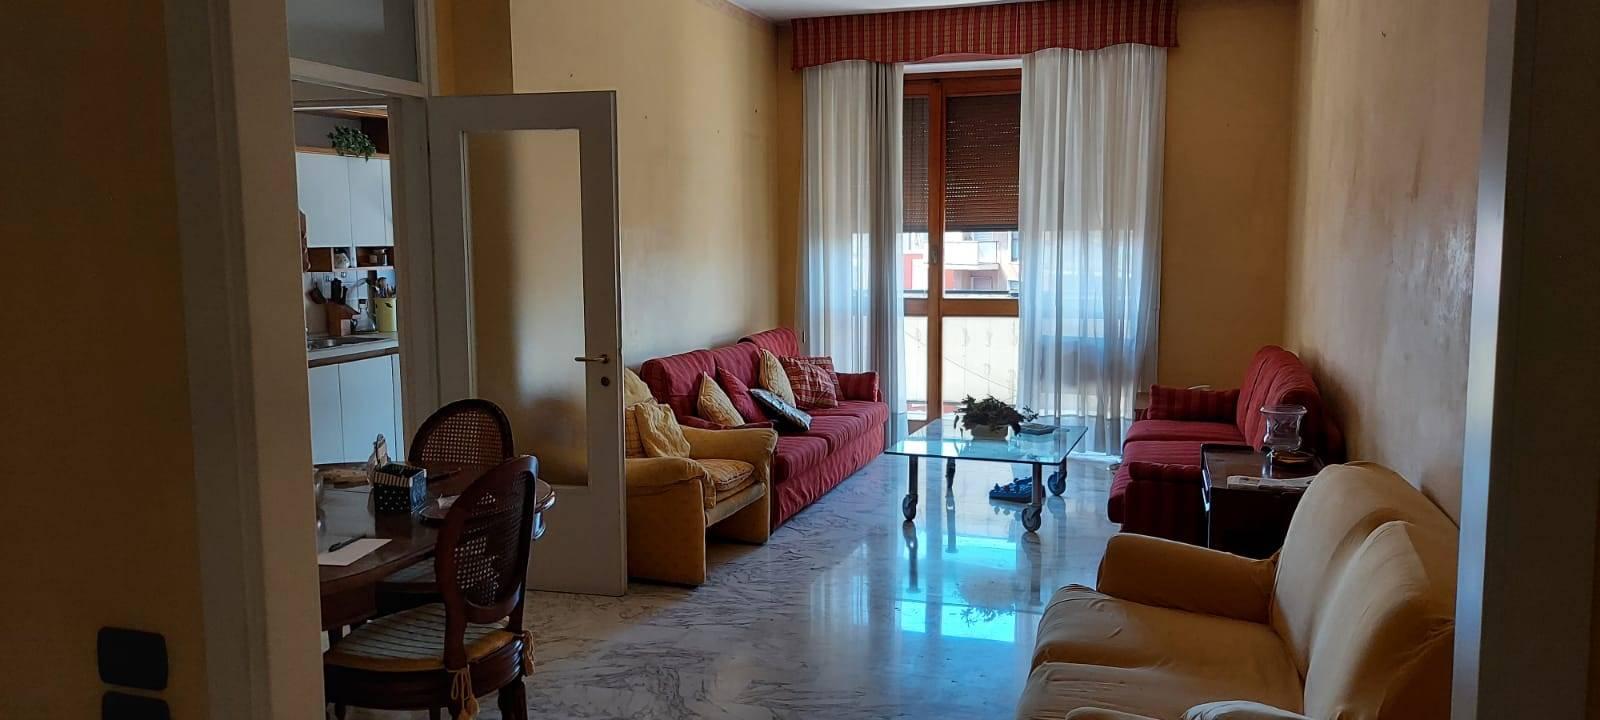 Appartamento in affitto a Monza, 3 locali, zona Località: VIA LECCO, prezzo € 935 | CambioCasa.it